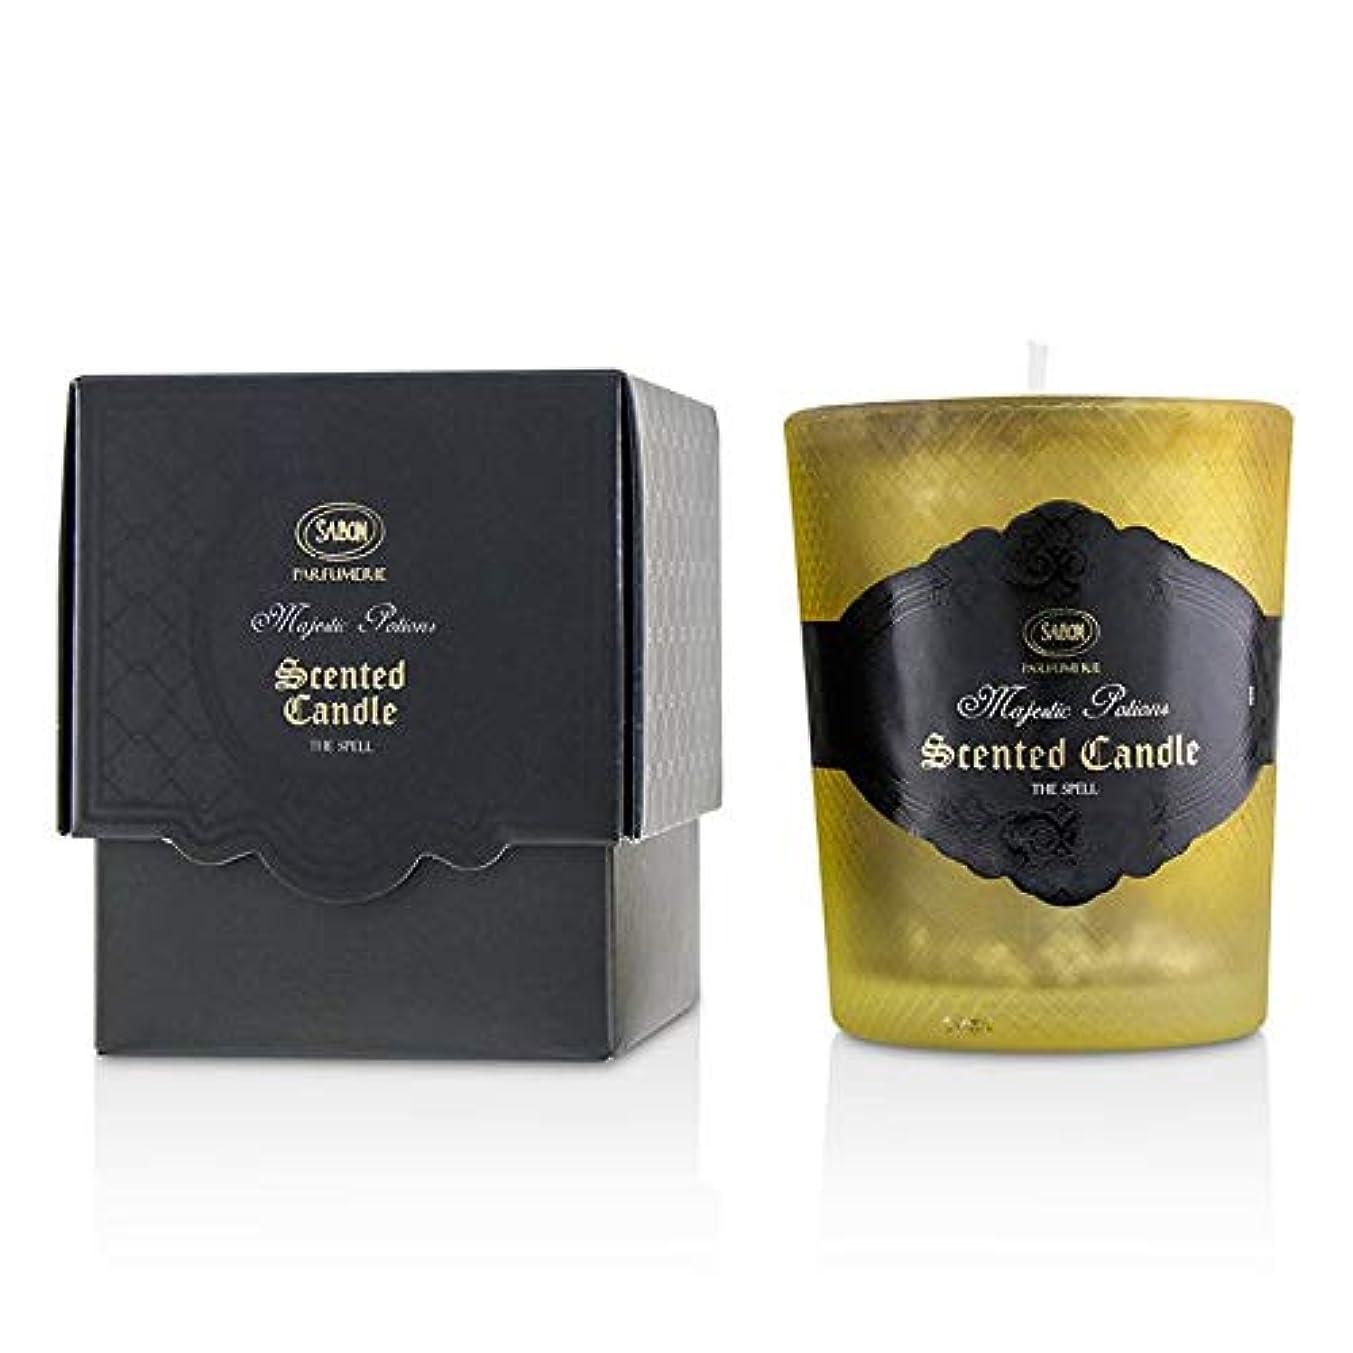 サボン Luxury Glass Candle - The Spell 150ml/5oz並行輸入品